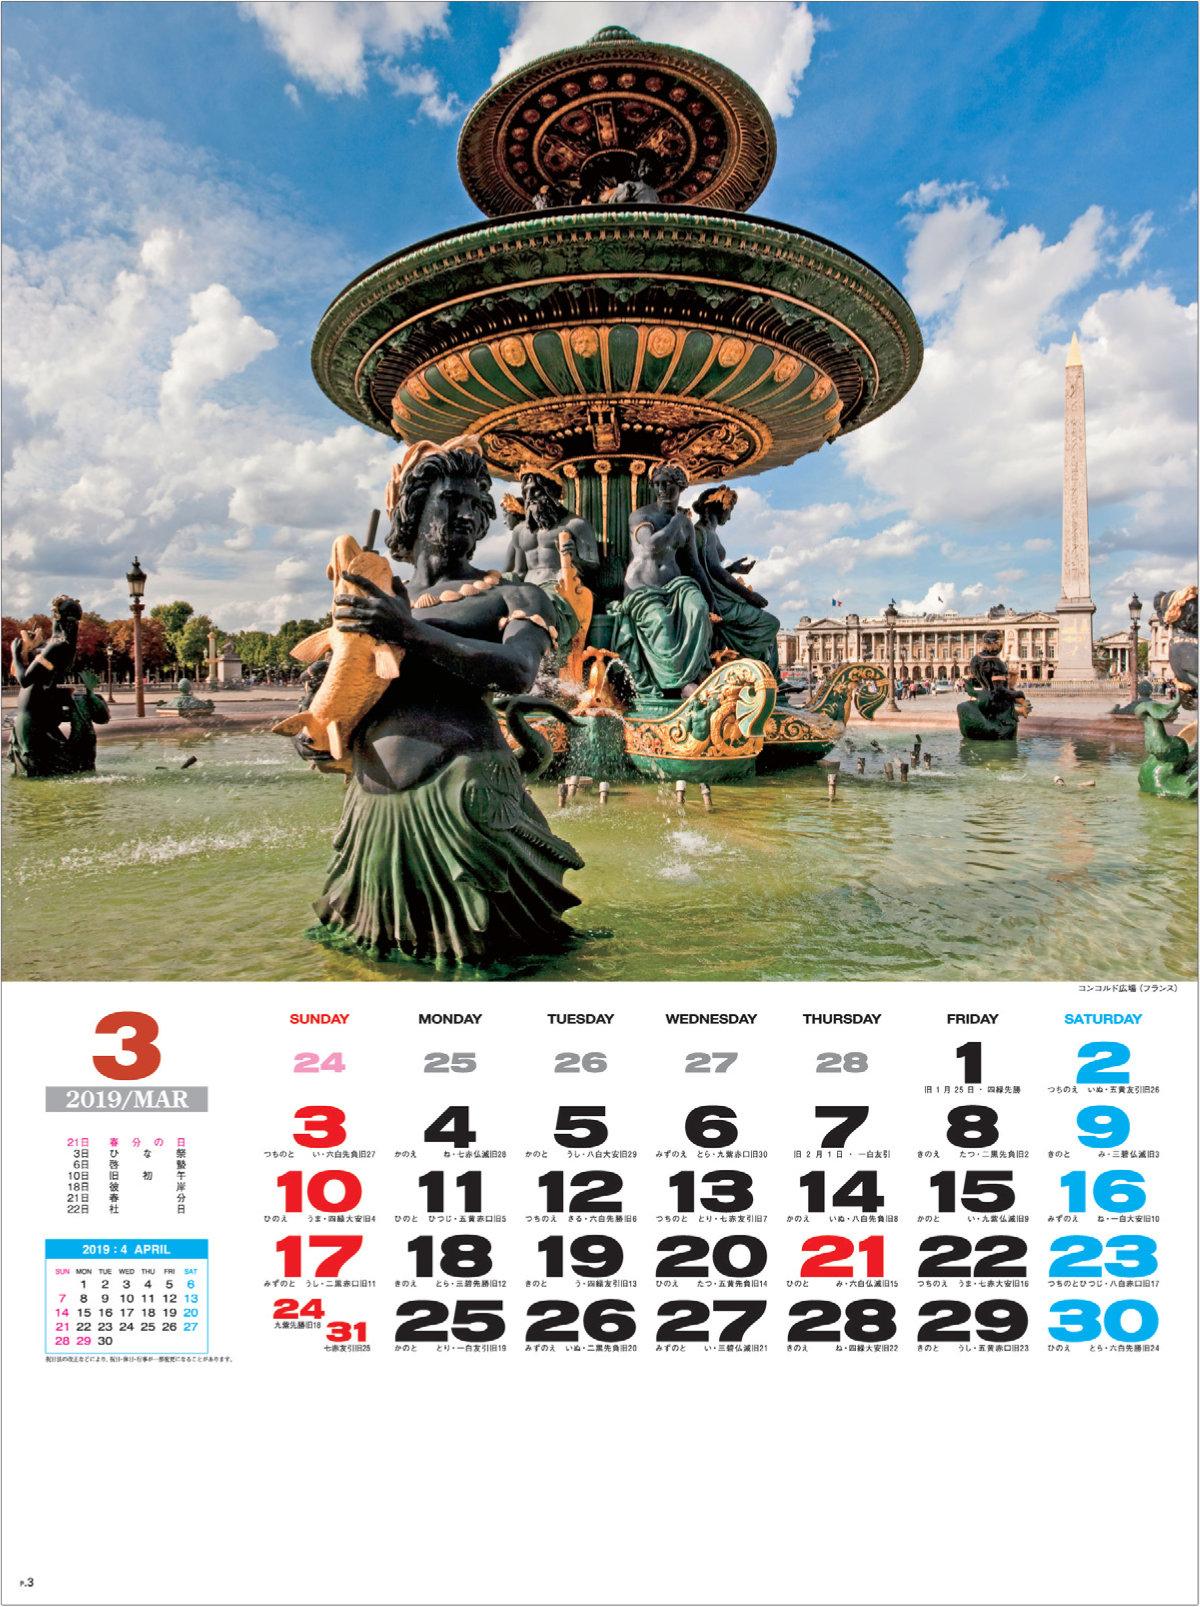 画像:コンコルド広場(フランス) 外国風景 2019年カレンダー